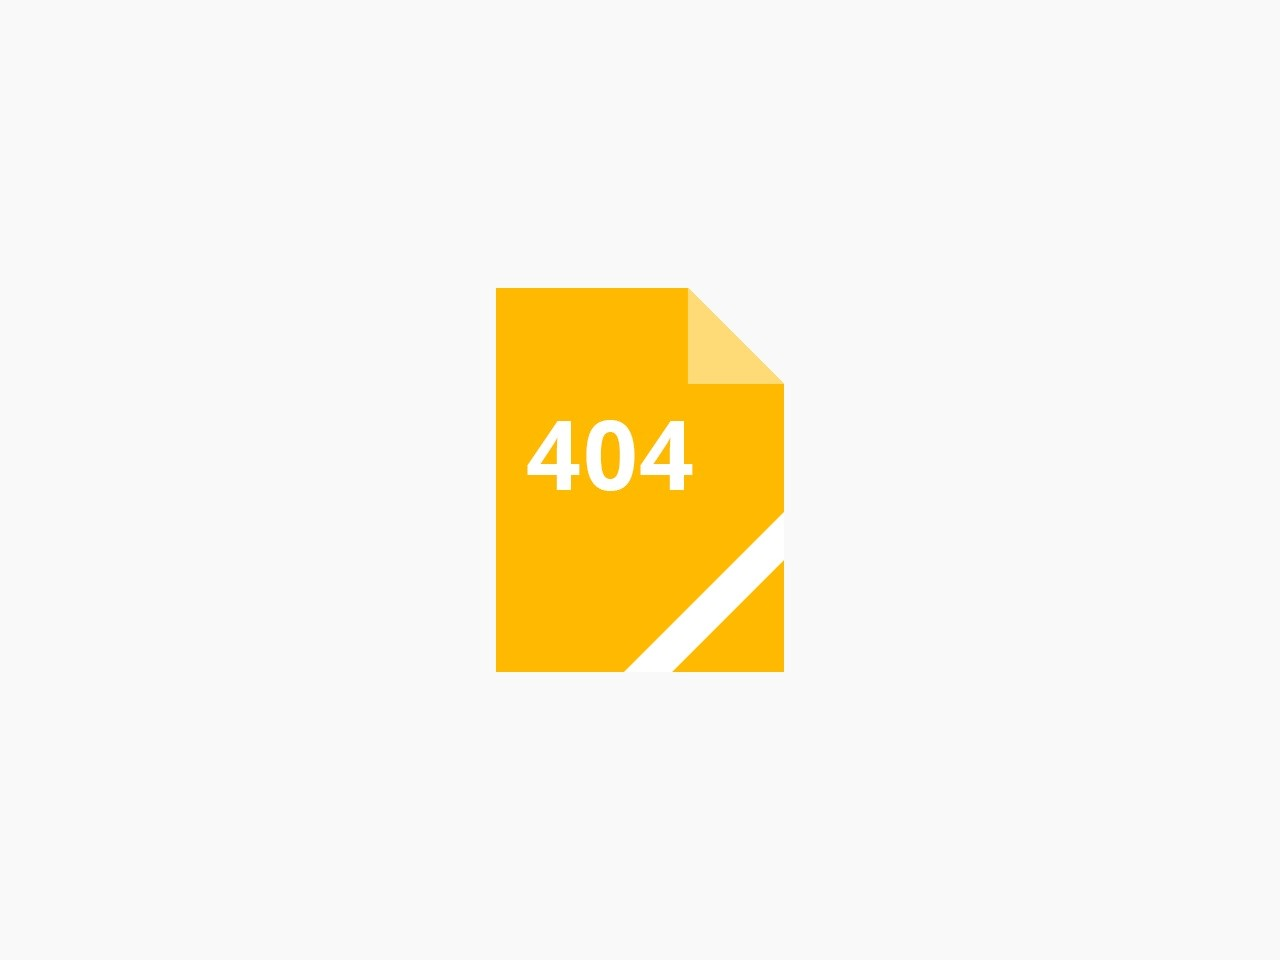 『別冊カドカワ』の欅坂46総力特集第1弾が初登場TOP10入り